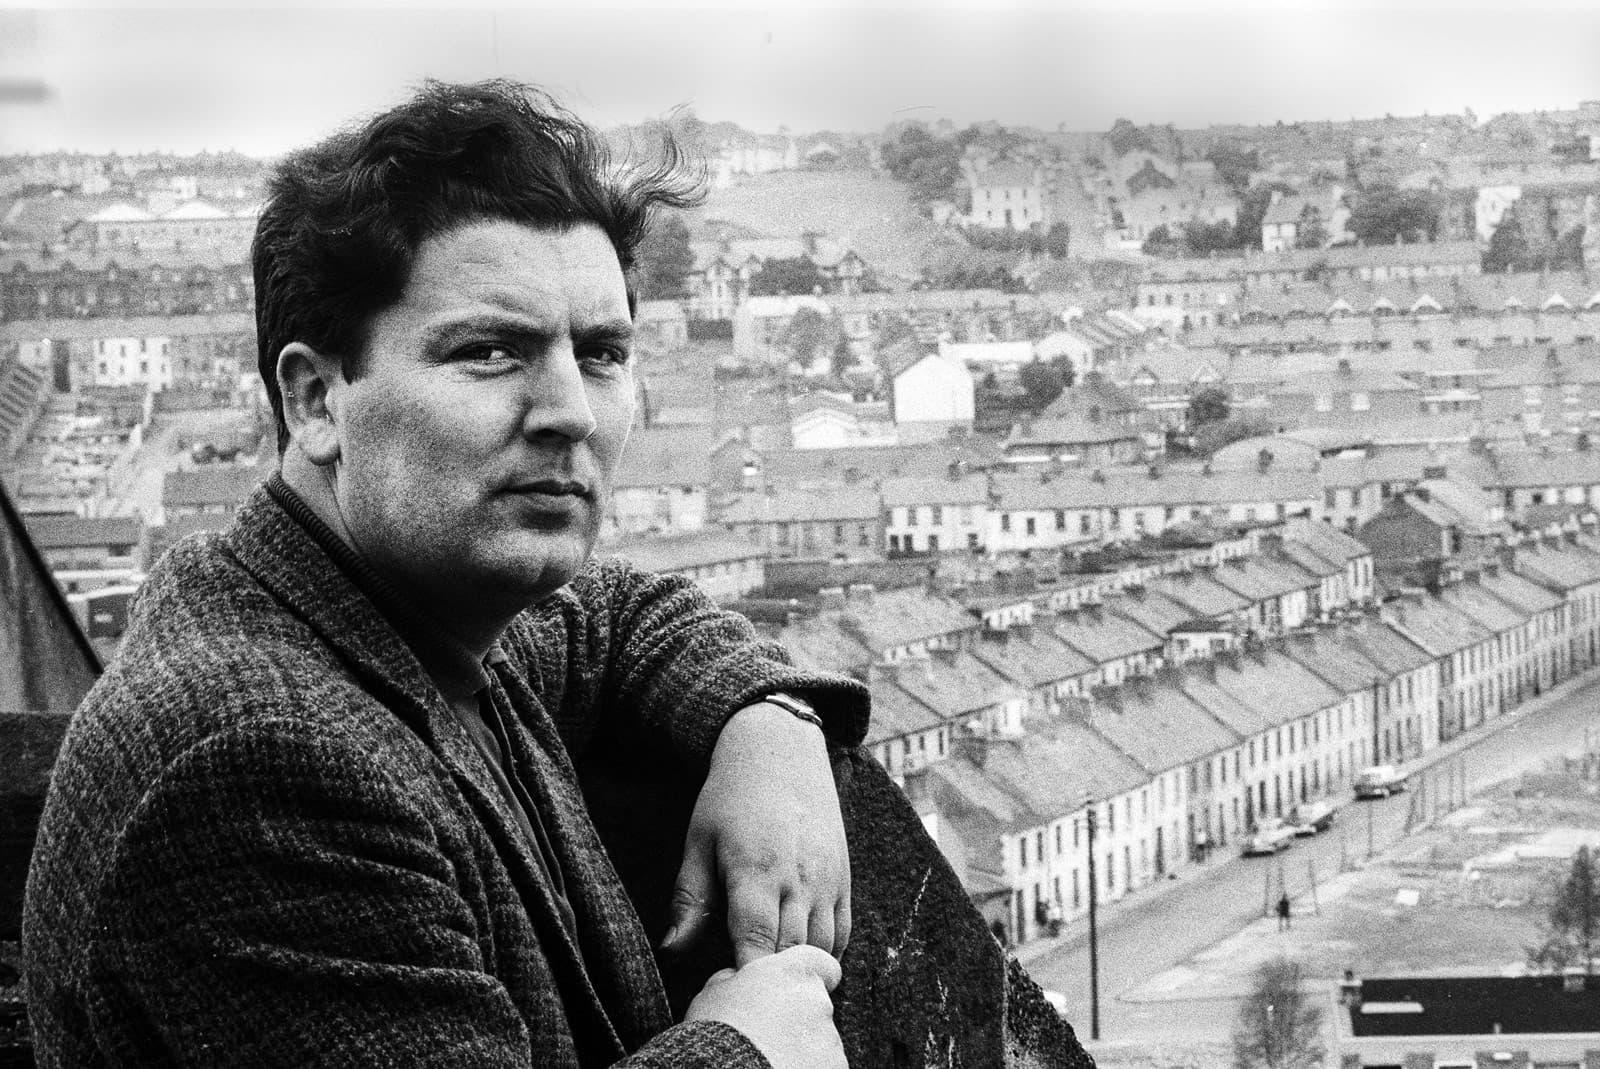 John Hume al barri catòlic de Bogside de Londonderry, Irlanda del Nord, el 1970. Fotografia de Leif Skoogfors. Getty Images.